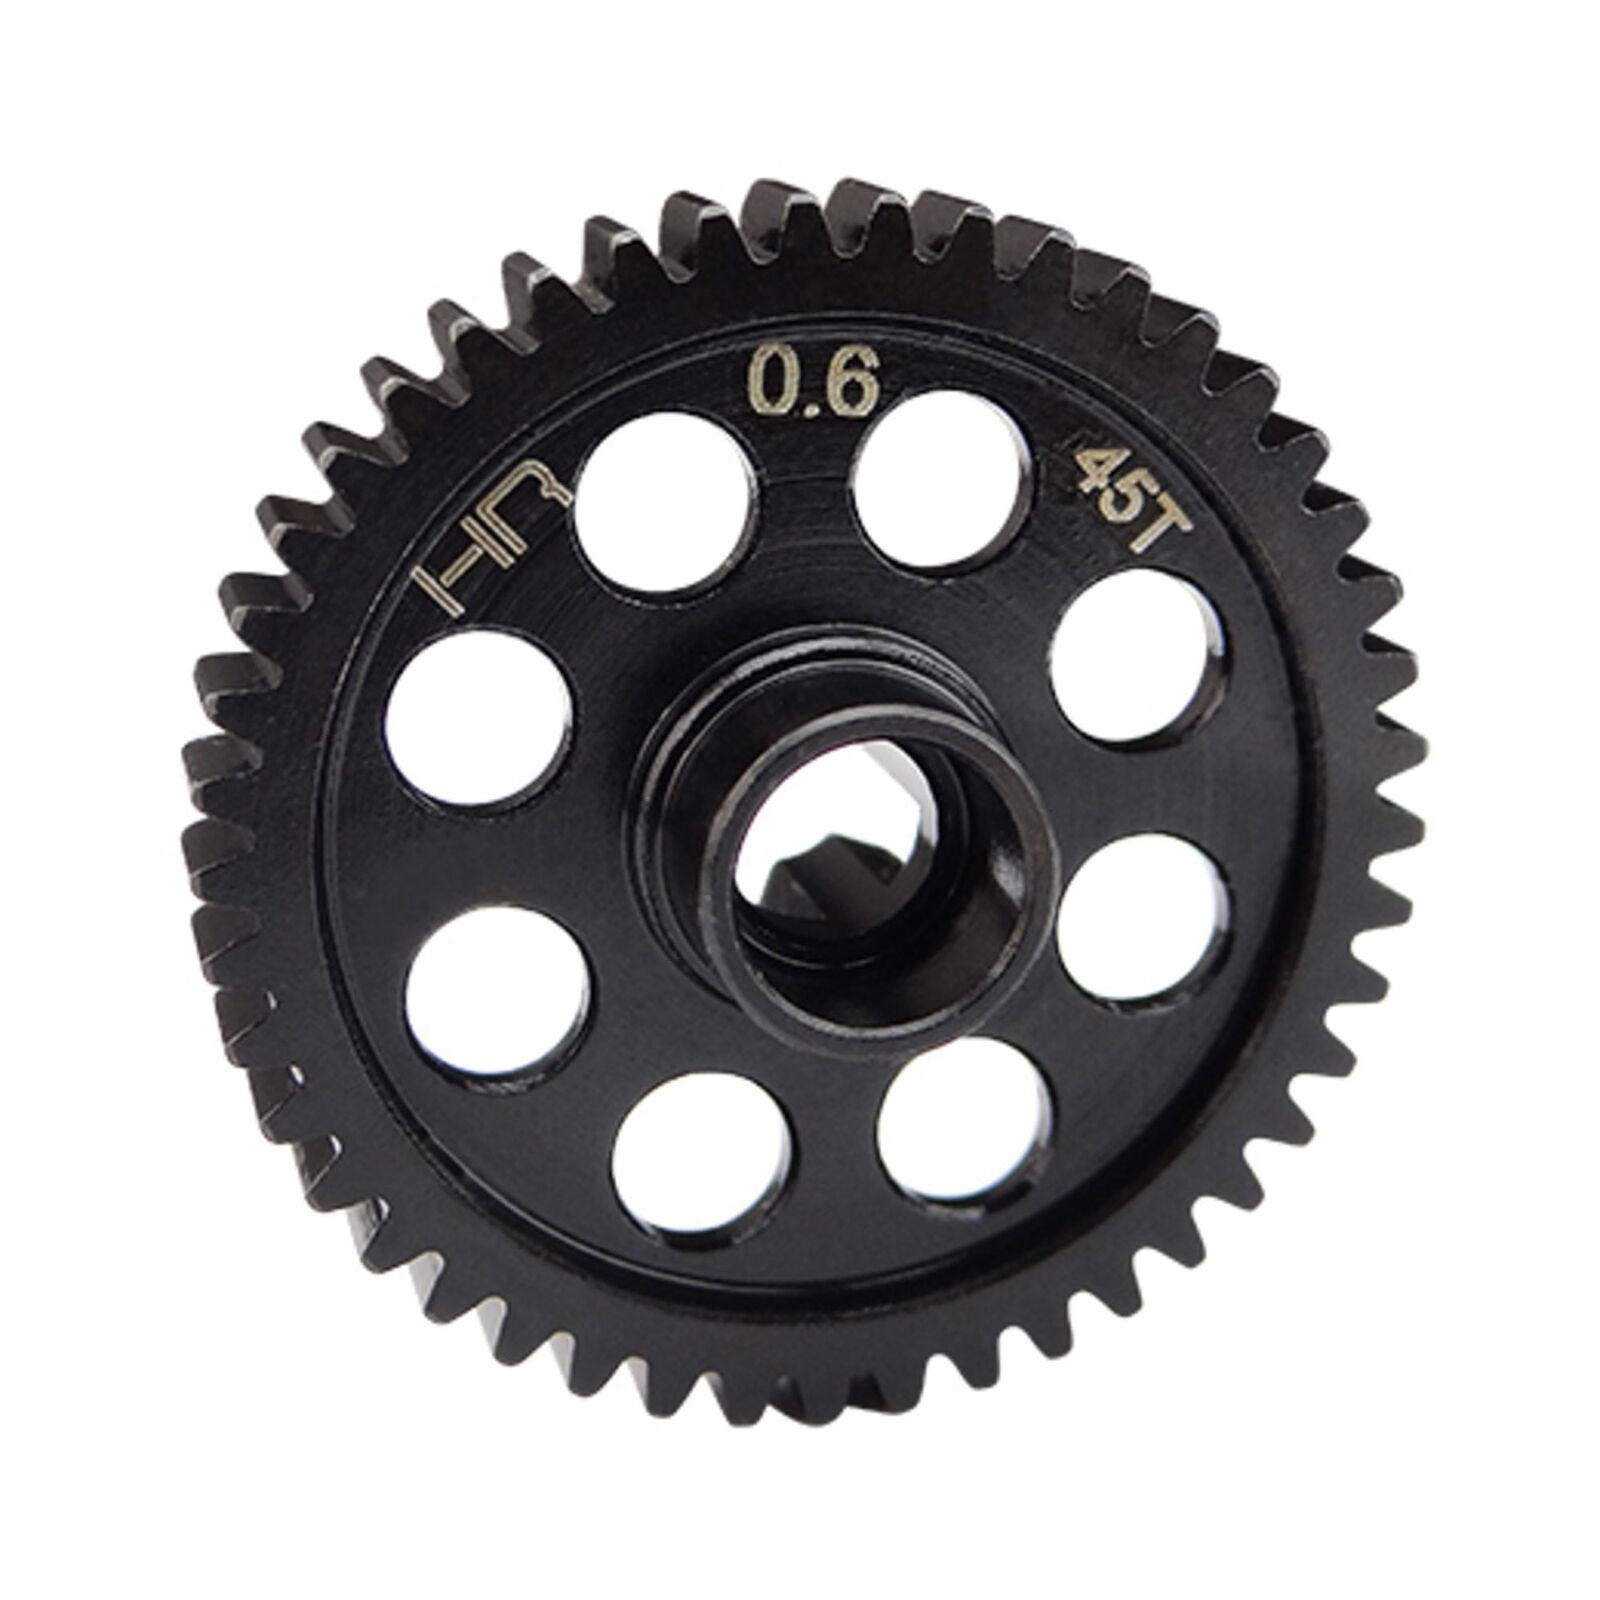 Steel Spur Gear 45t Bx Mt Sc4.18 .6 Module